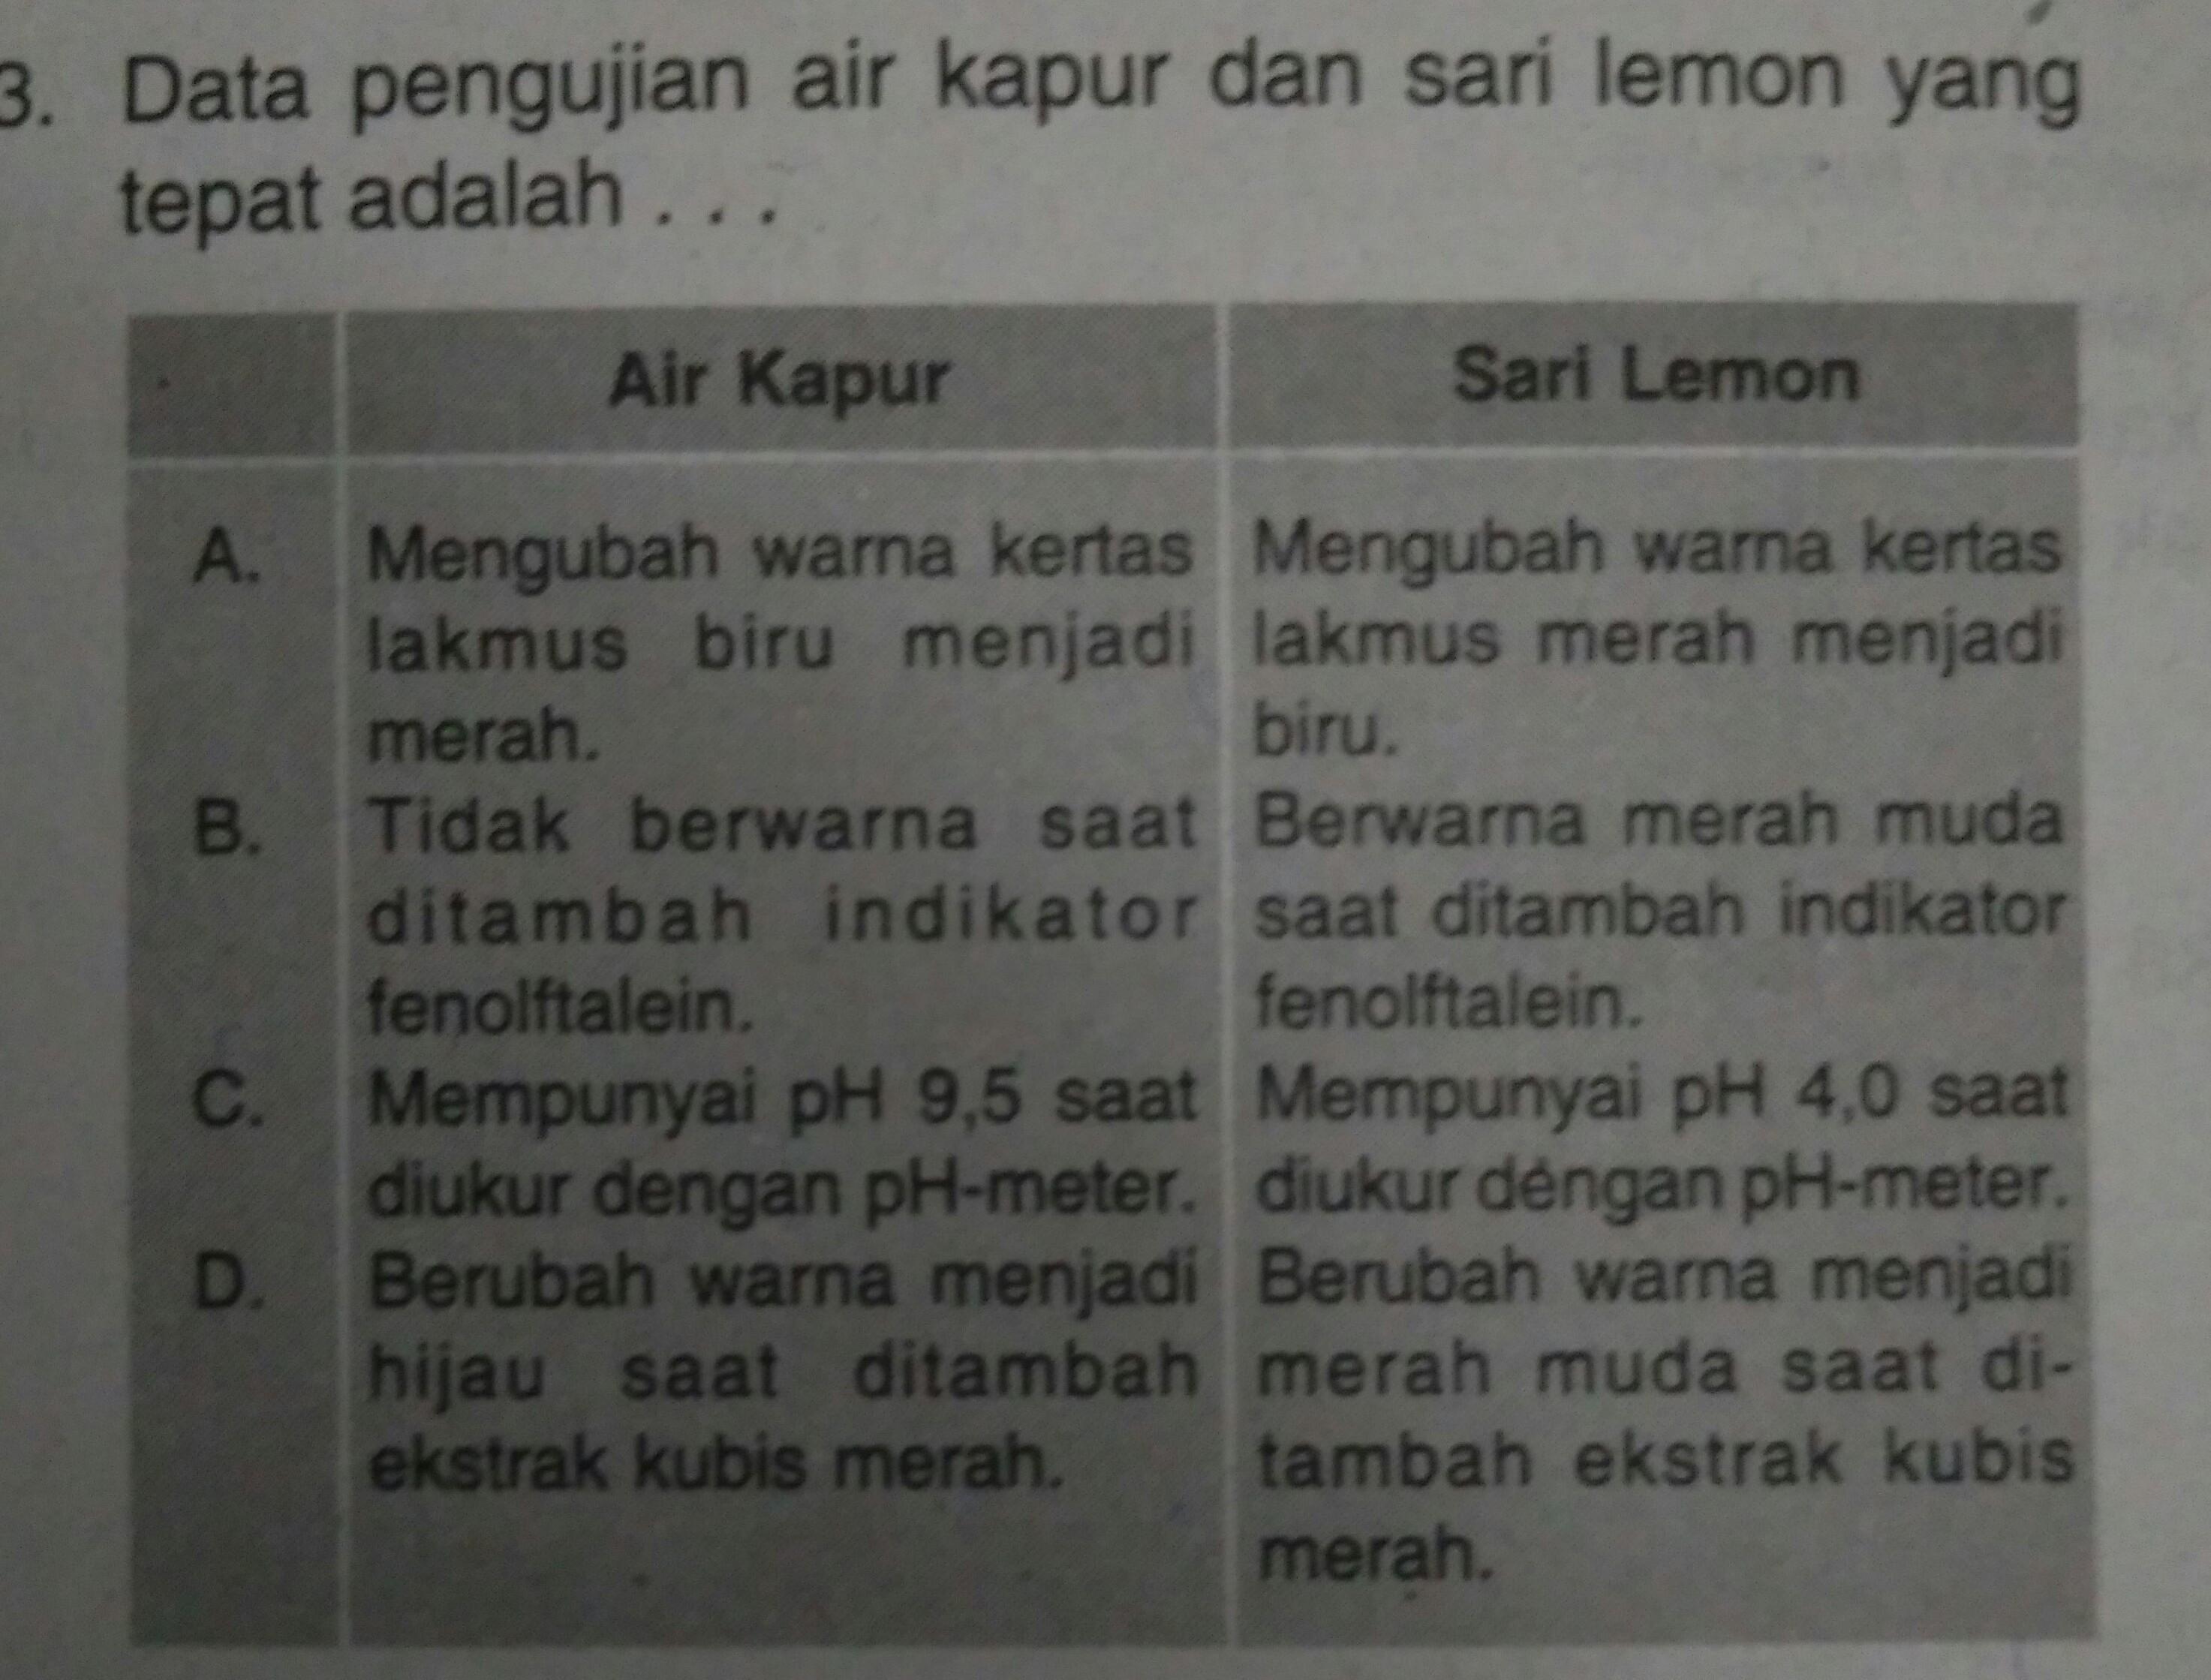 Data Pengujian Air Kapur Dan Sari Lemon Yang Tepat Adalah Brainly